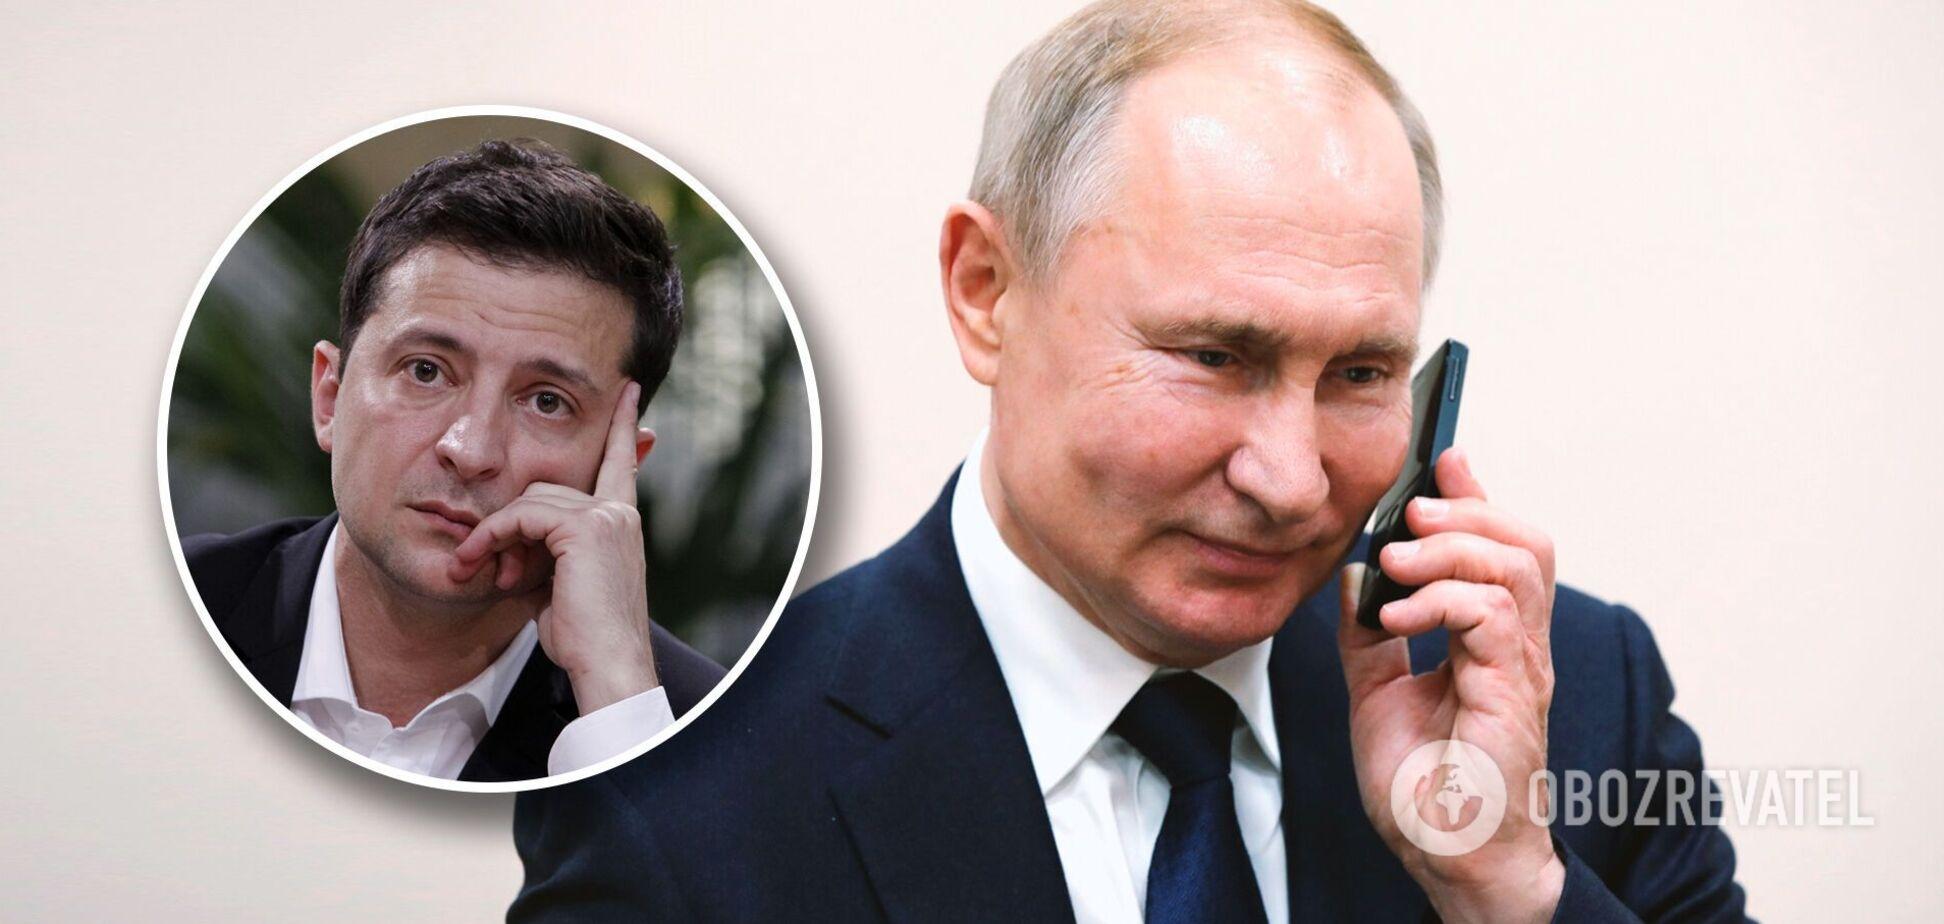 Президенти України та Росії Володимир Зеленський та Володимир Путін